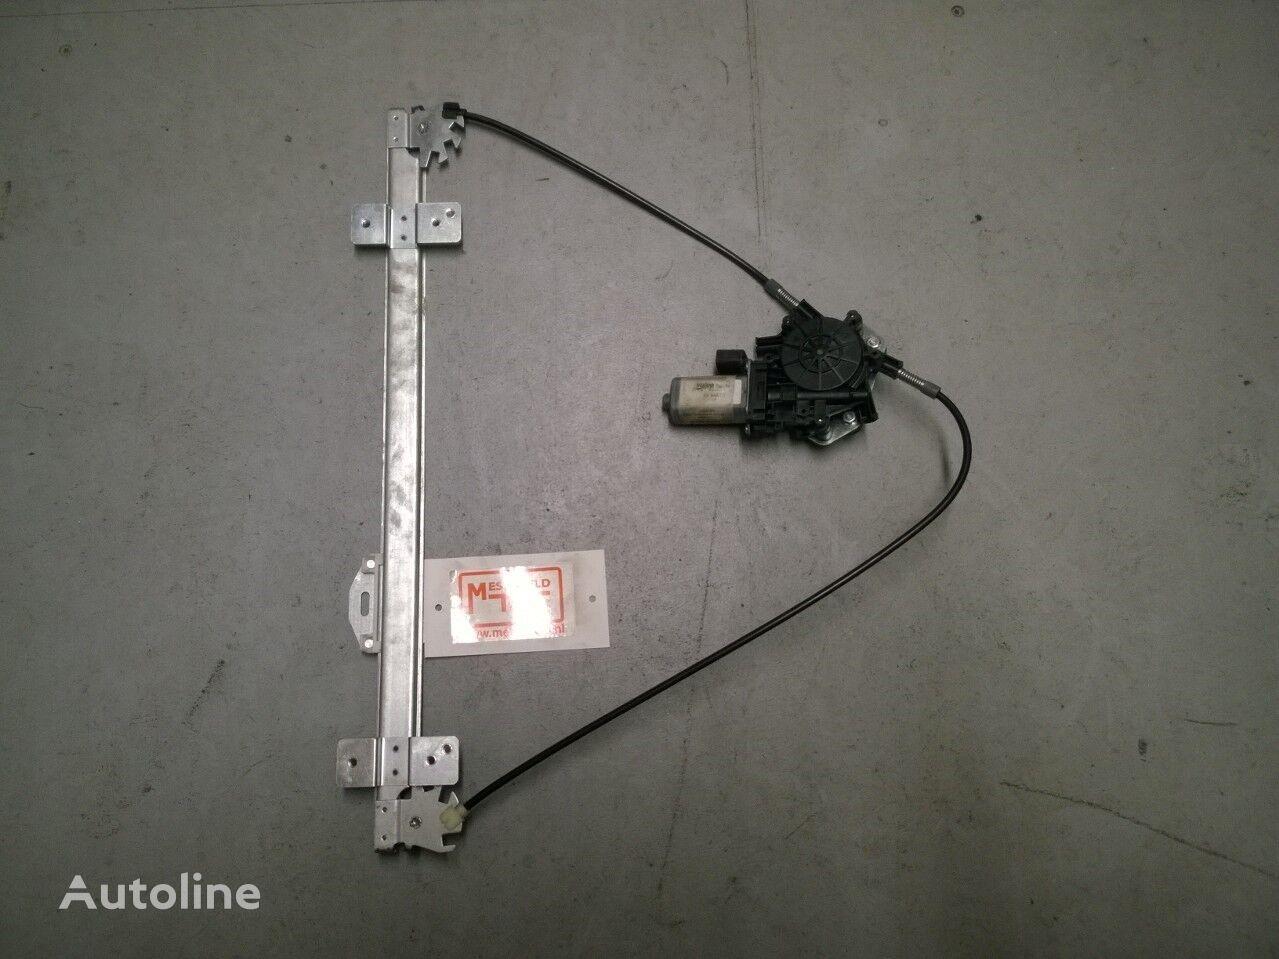 καινούριο ελκυστήρας DAF Raammechanisme 85CF για ανυψωτήρας παραθύρων